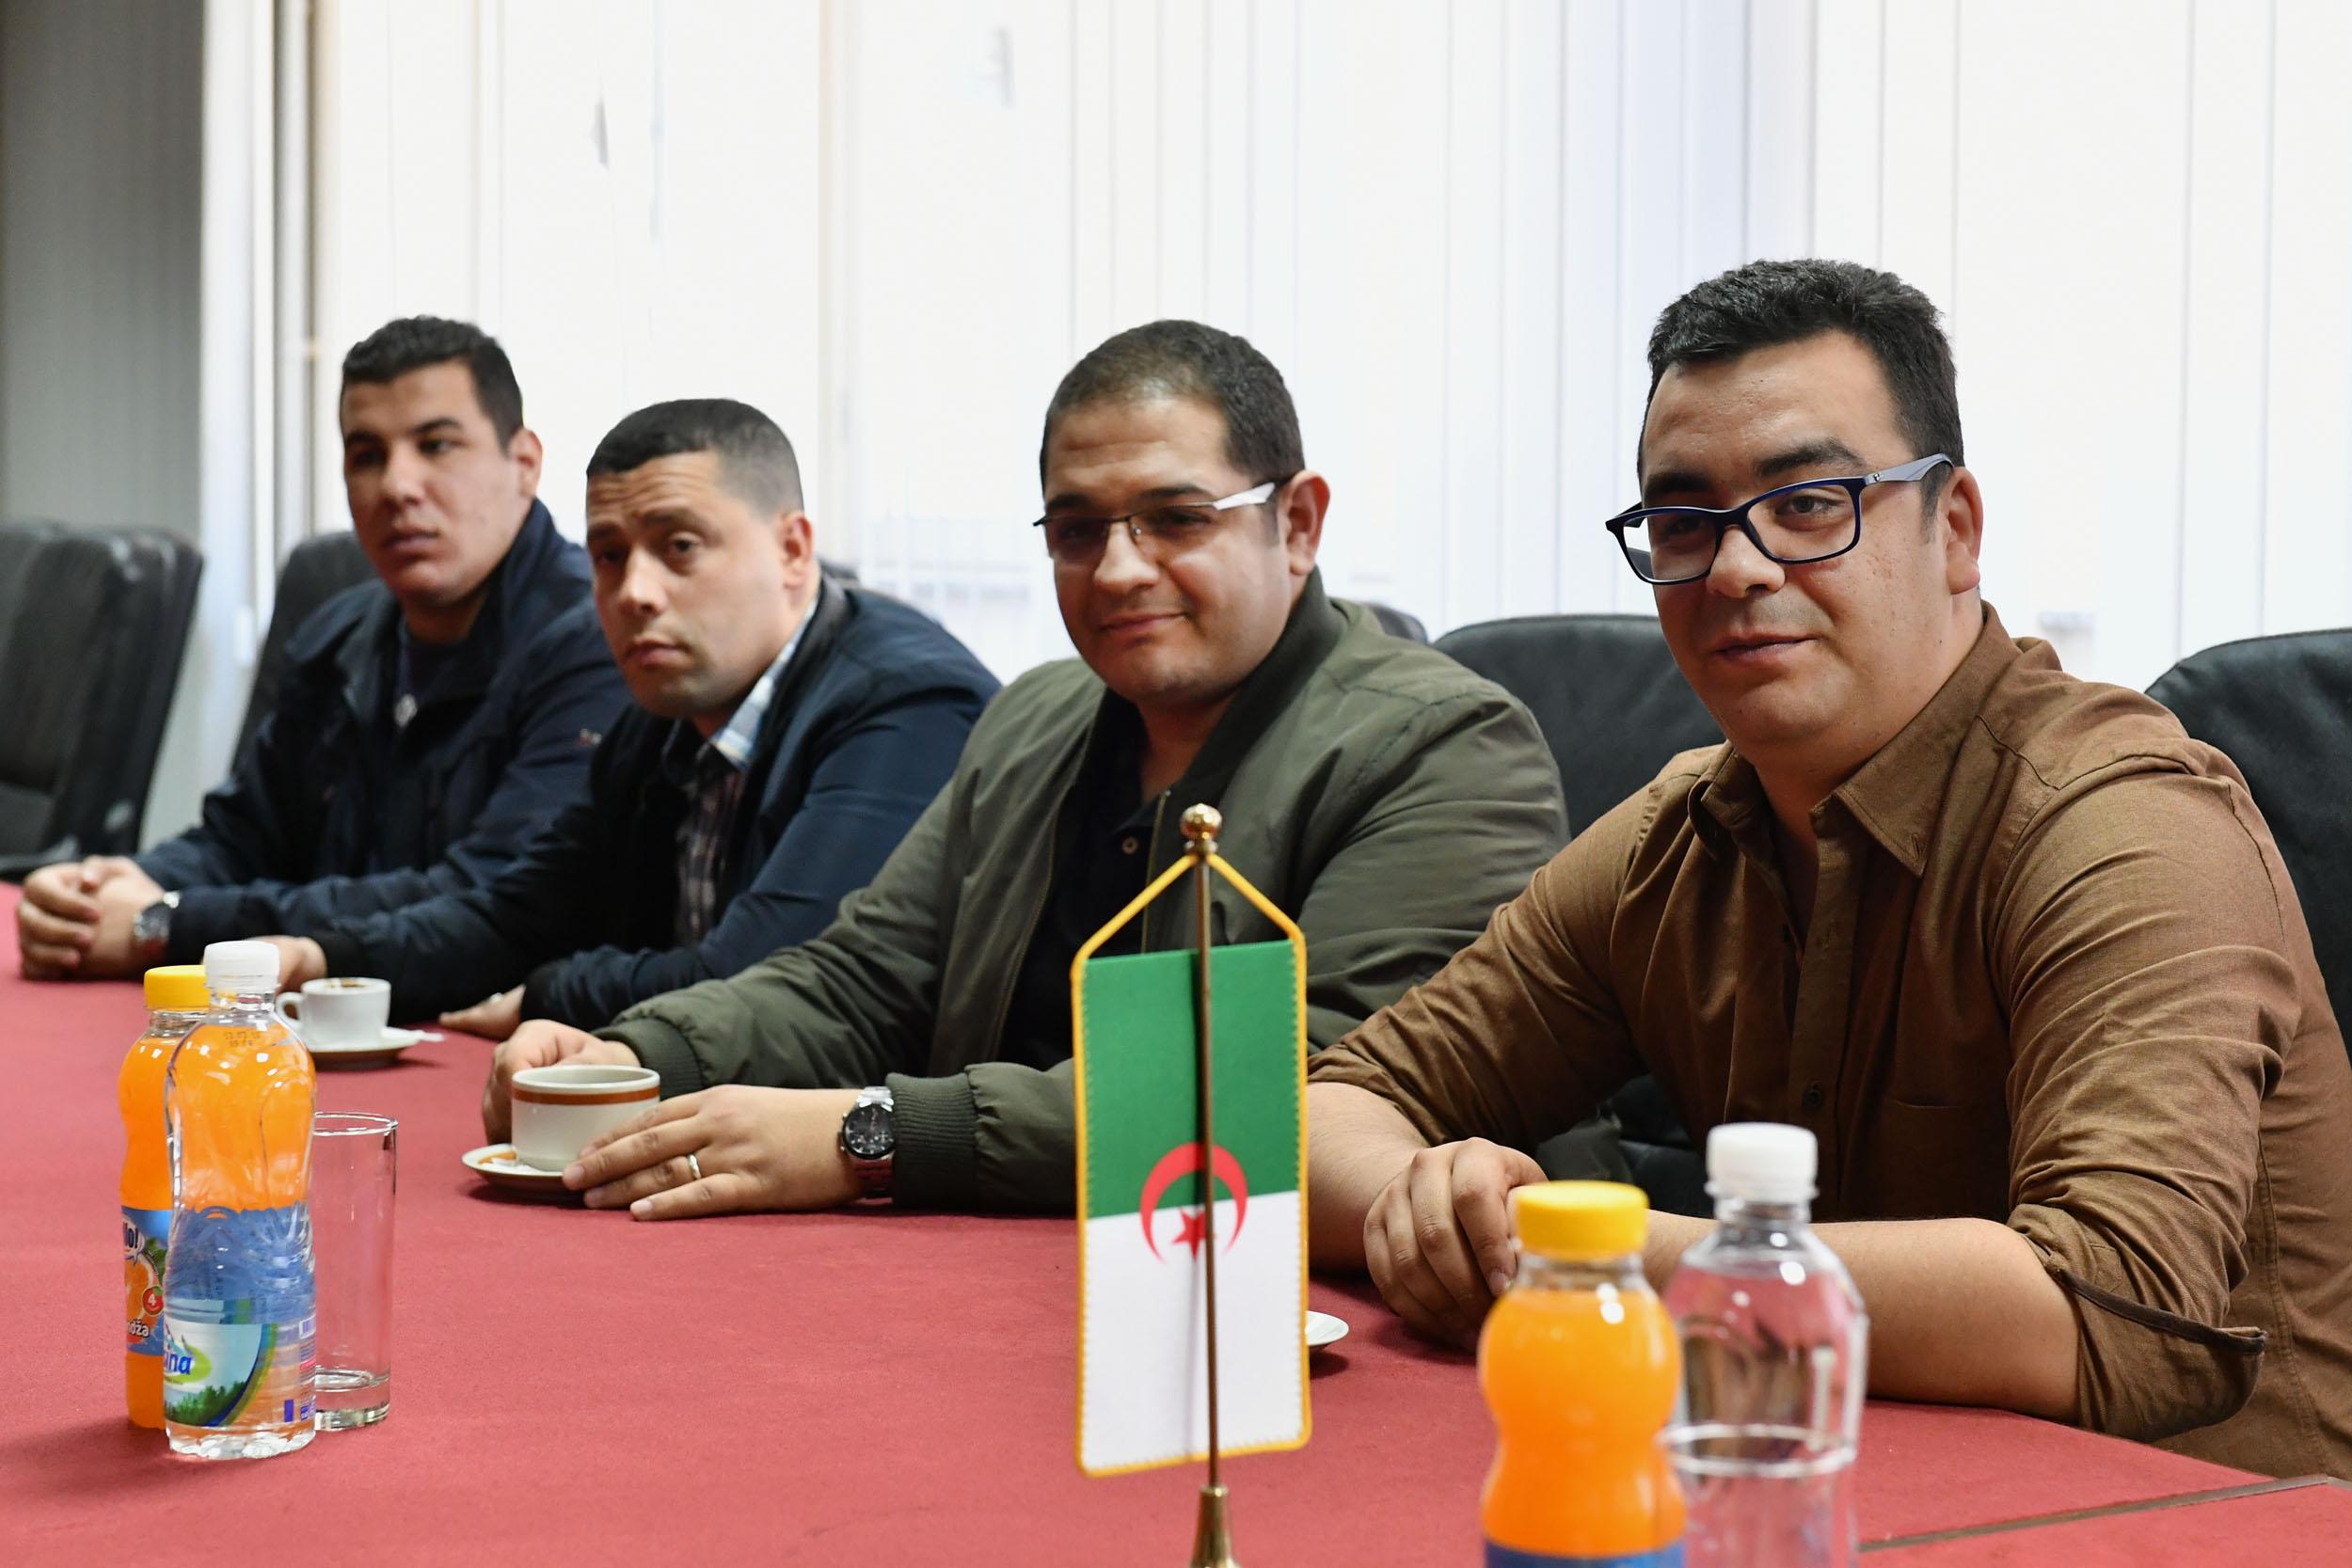 الجزائر : صلاحيات نائب وزير الدفاع الوطني - صفحة 14 Ban_9337_1490965291